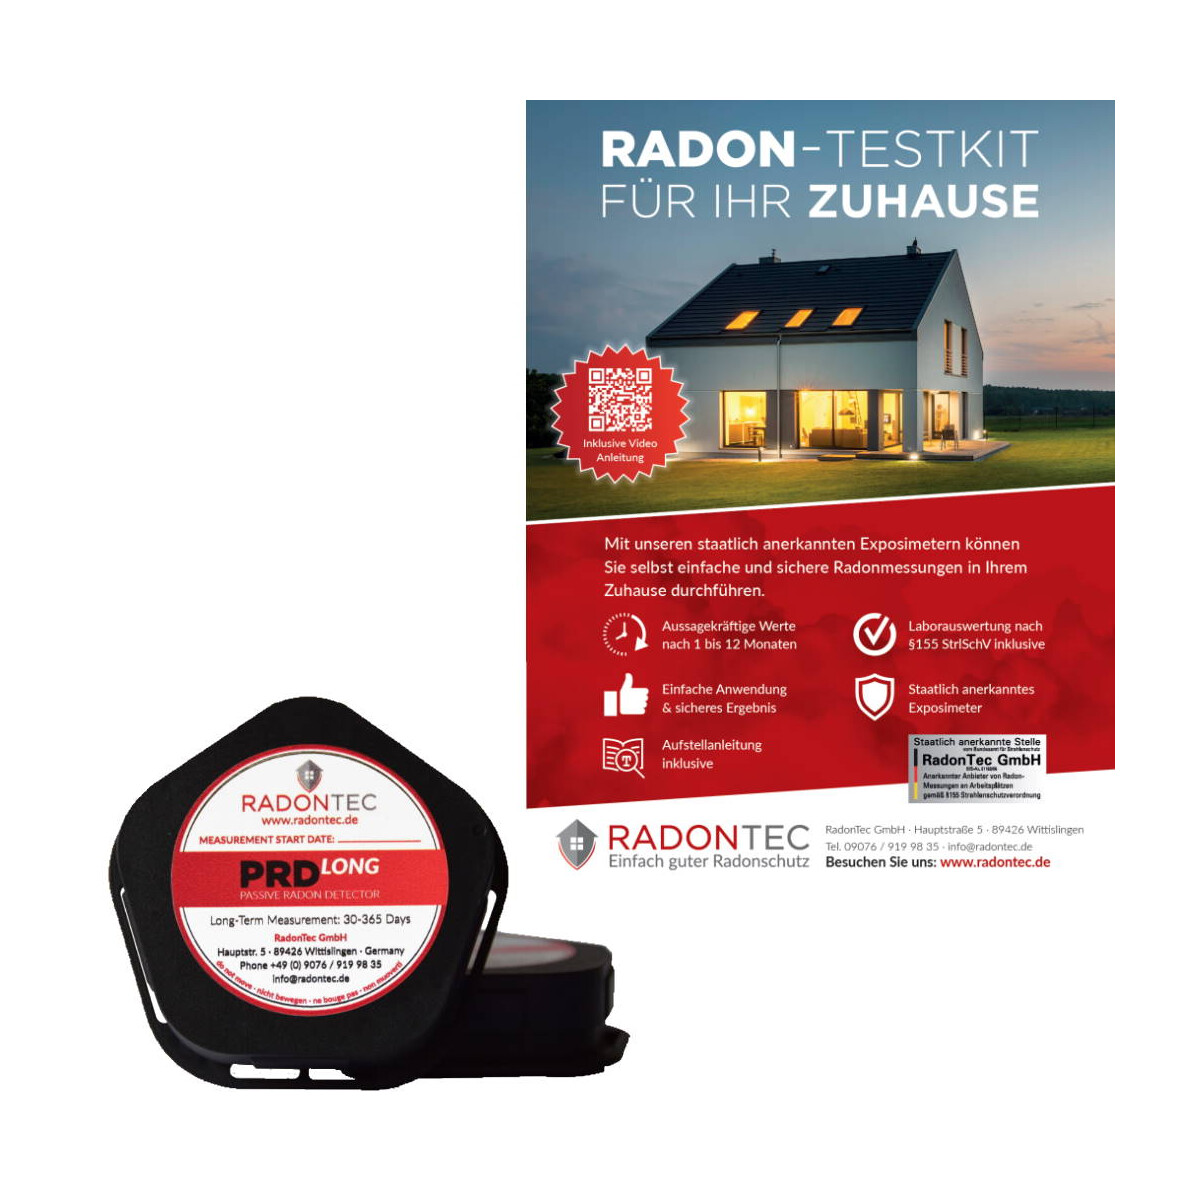 Radonmessung für Ihr Zuhause - Jetzt selber Radon messen.